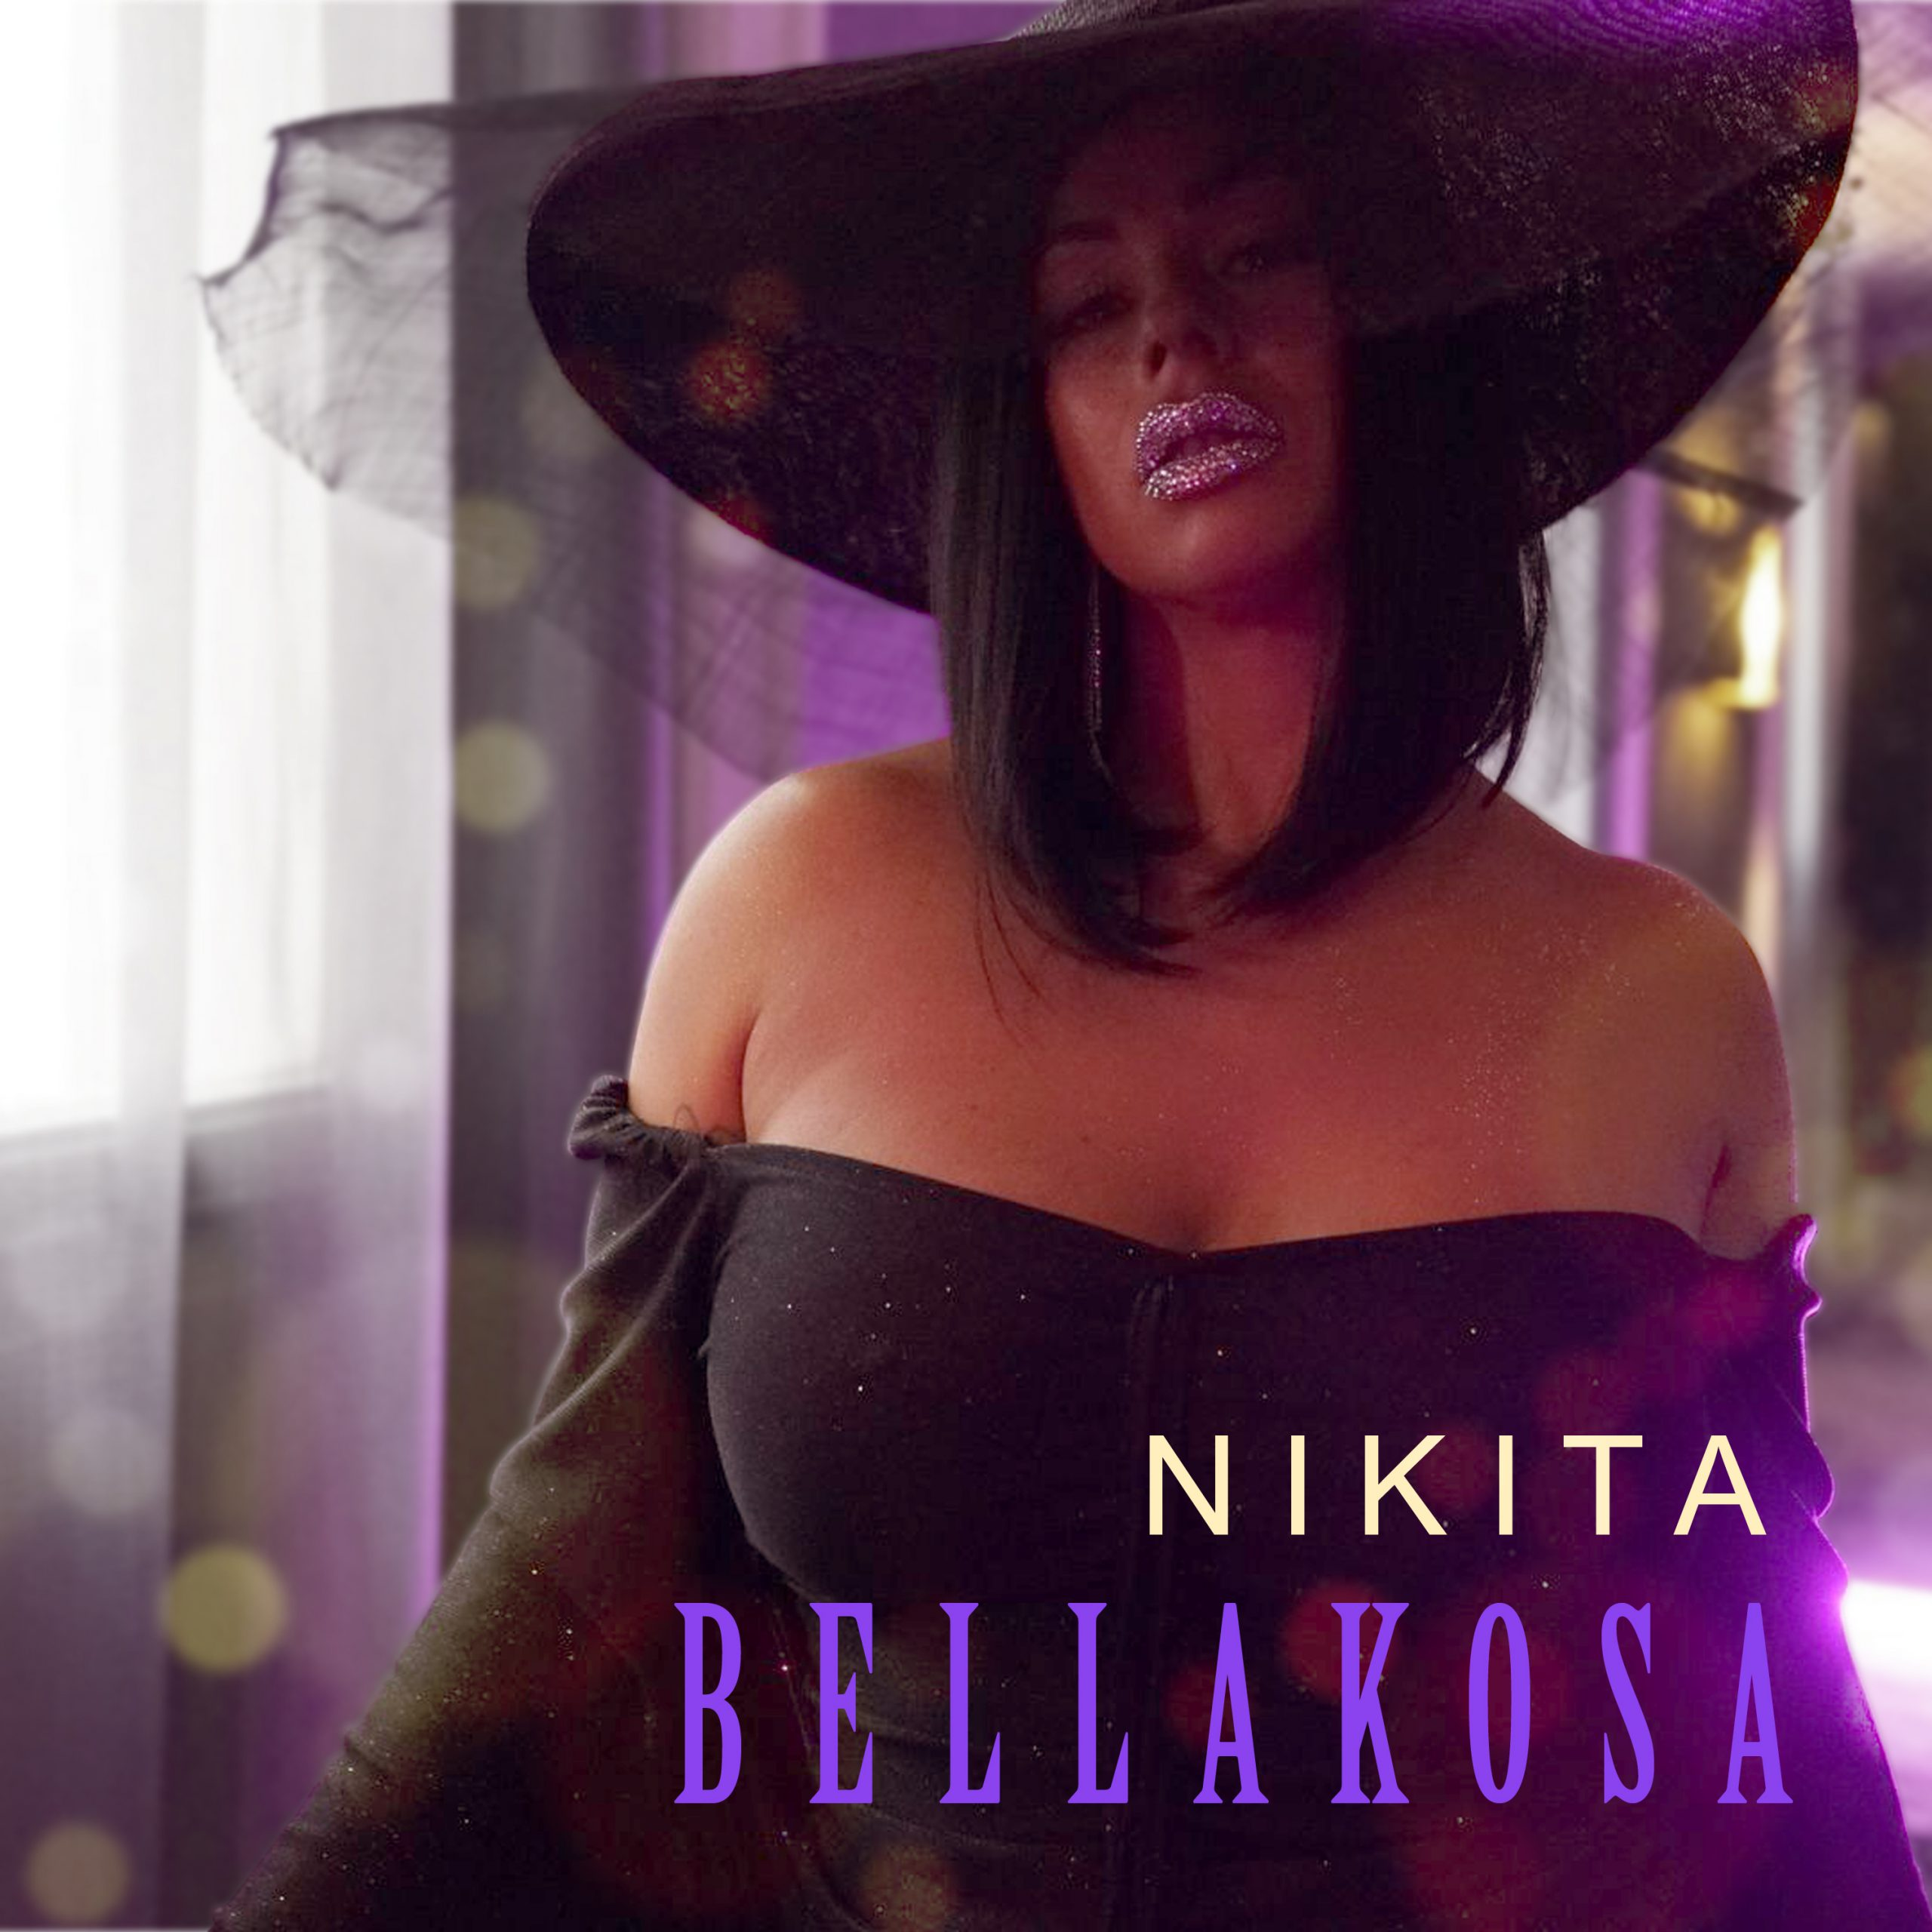 Nikita - Bellakosa